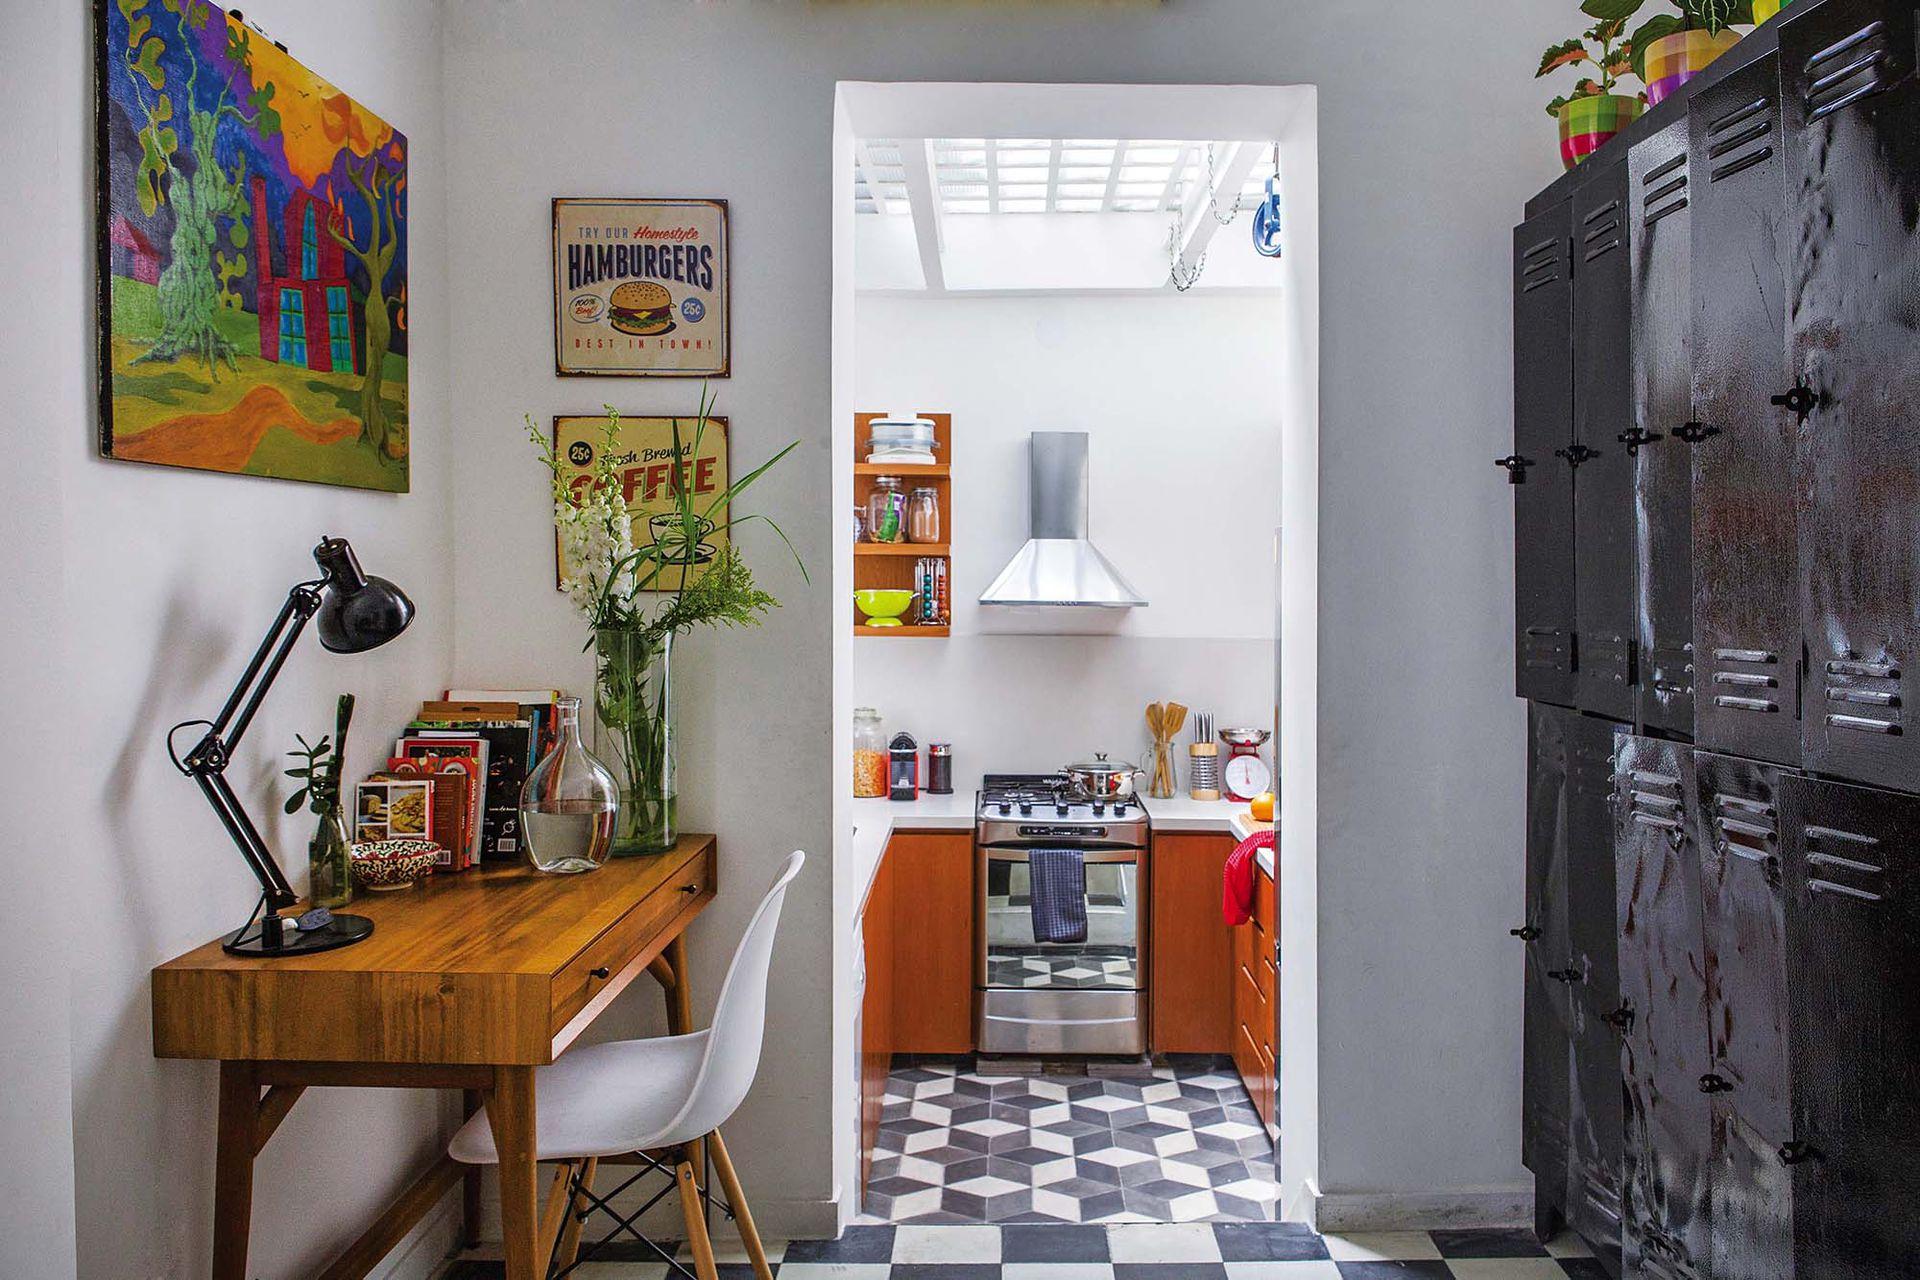 Entre la galería y la cocina, un escritorio traído de Estados Unidos y un módulo de casilleros rescatado de una obra.